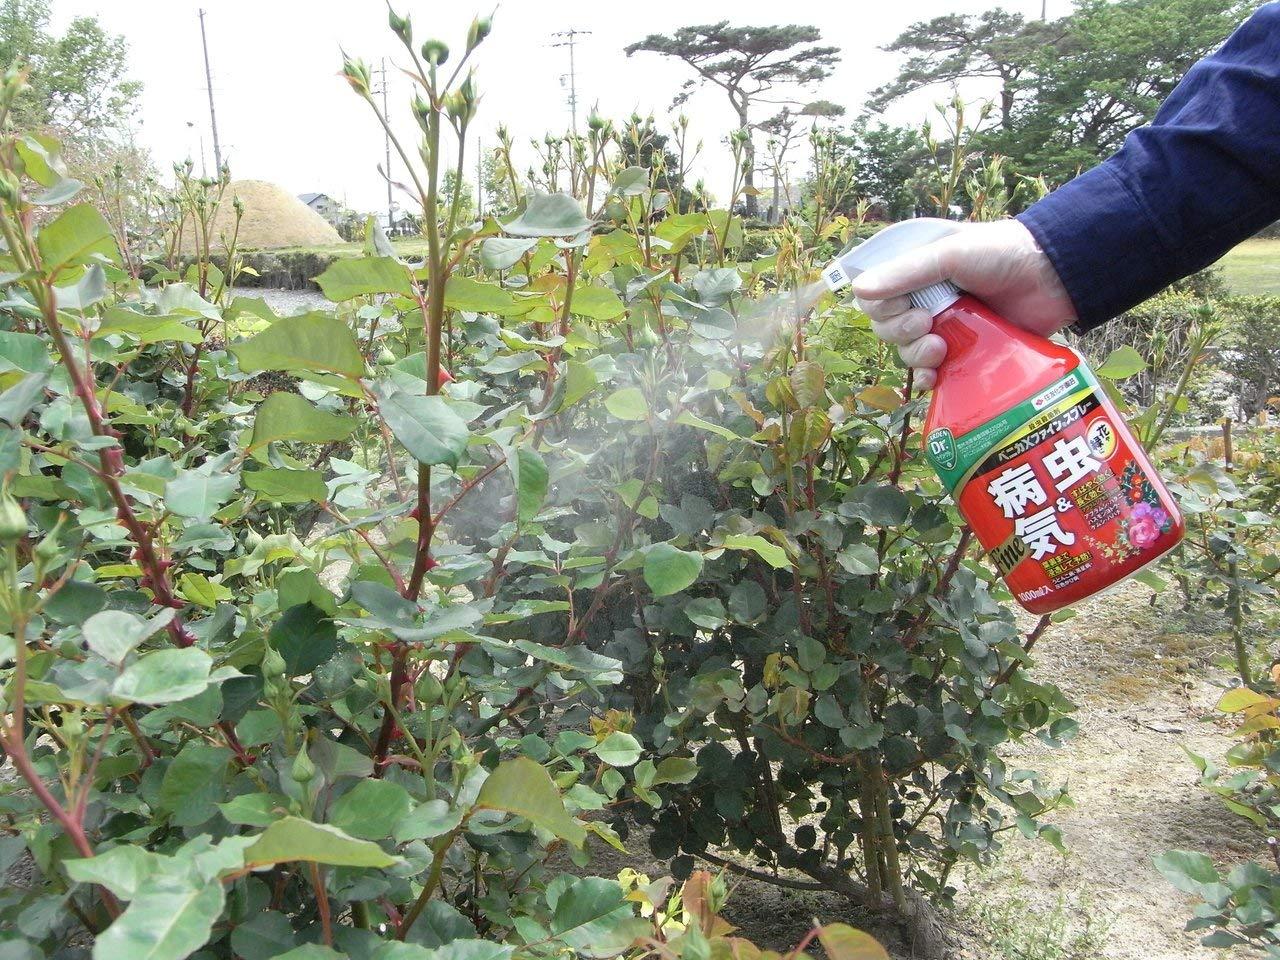 殺虫剤のおすすめ5選&選び方【ゴキブリ対策に】